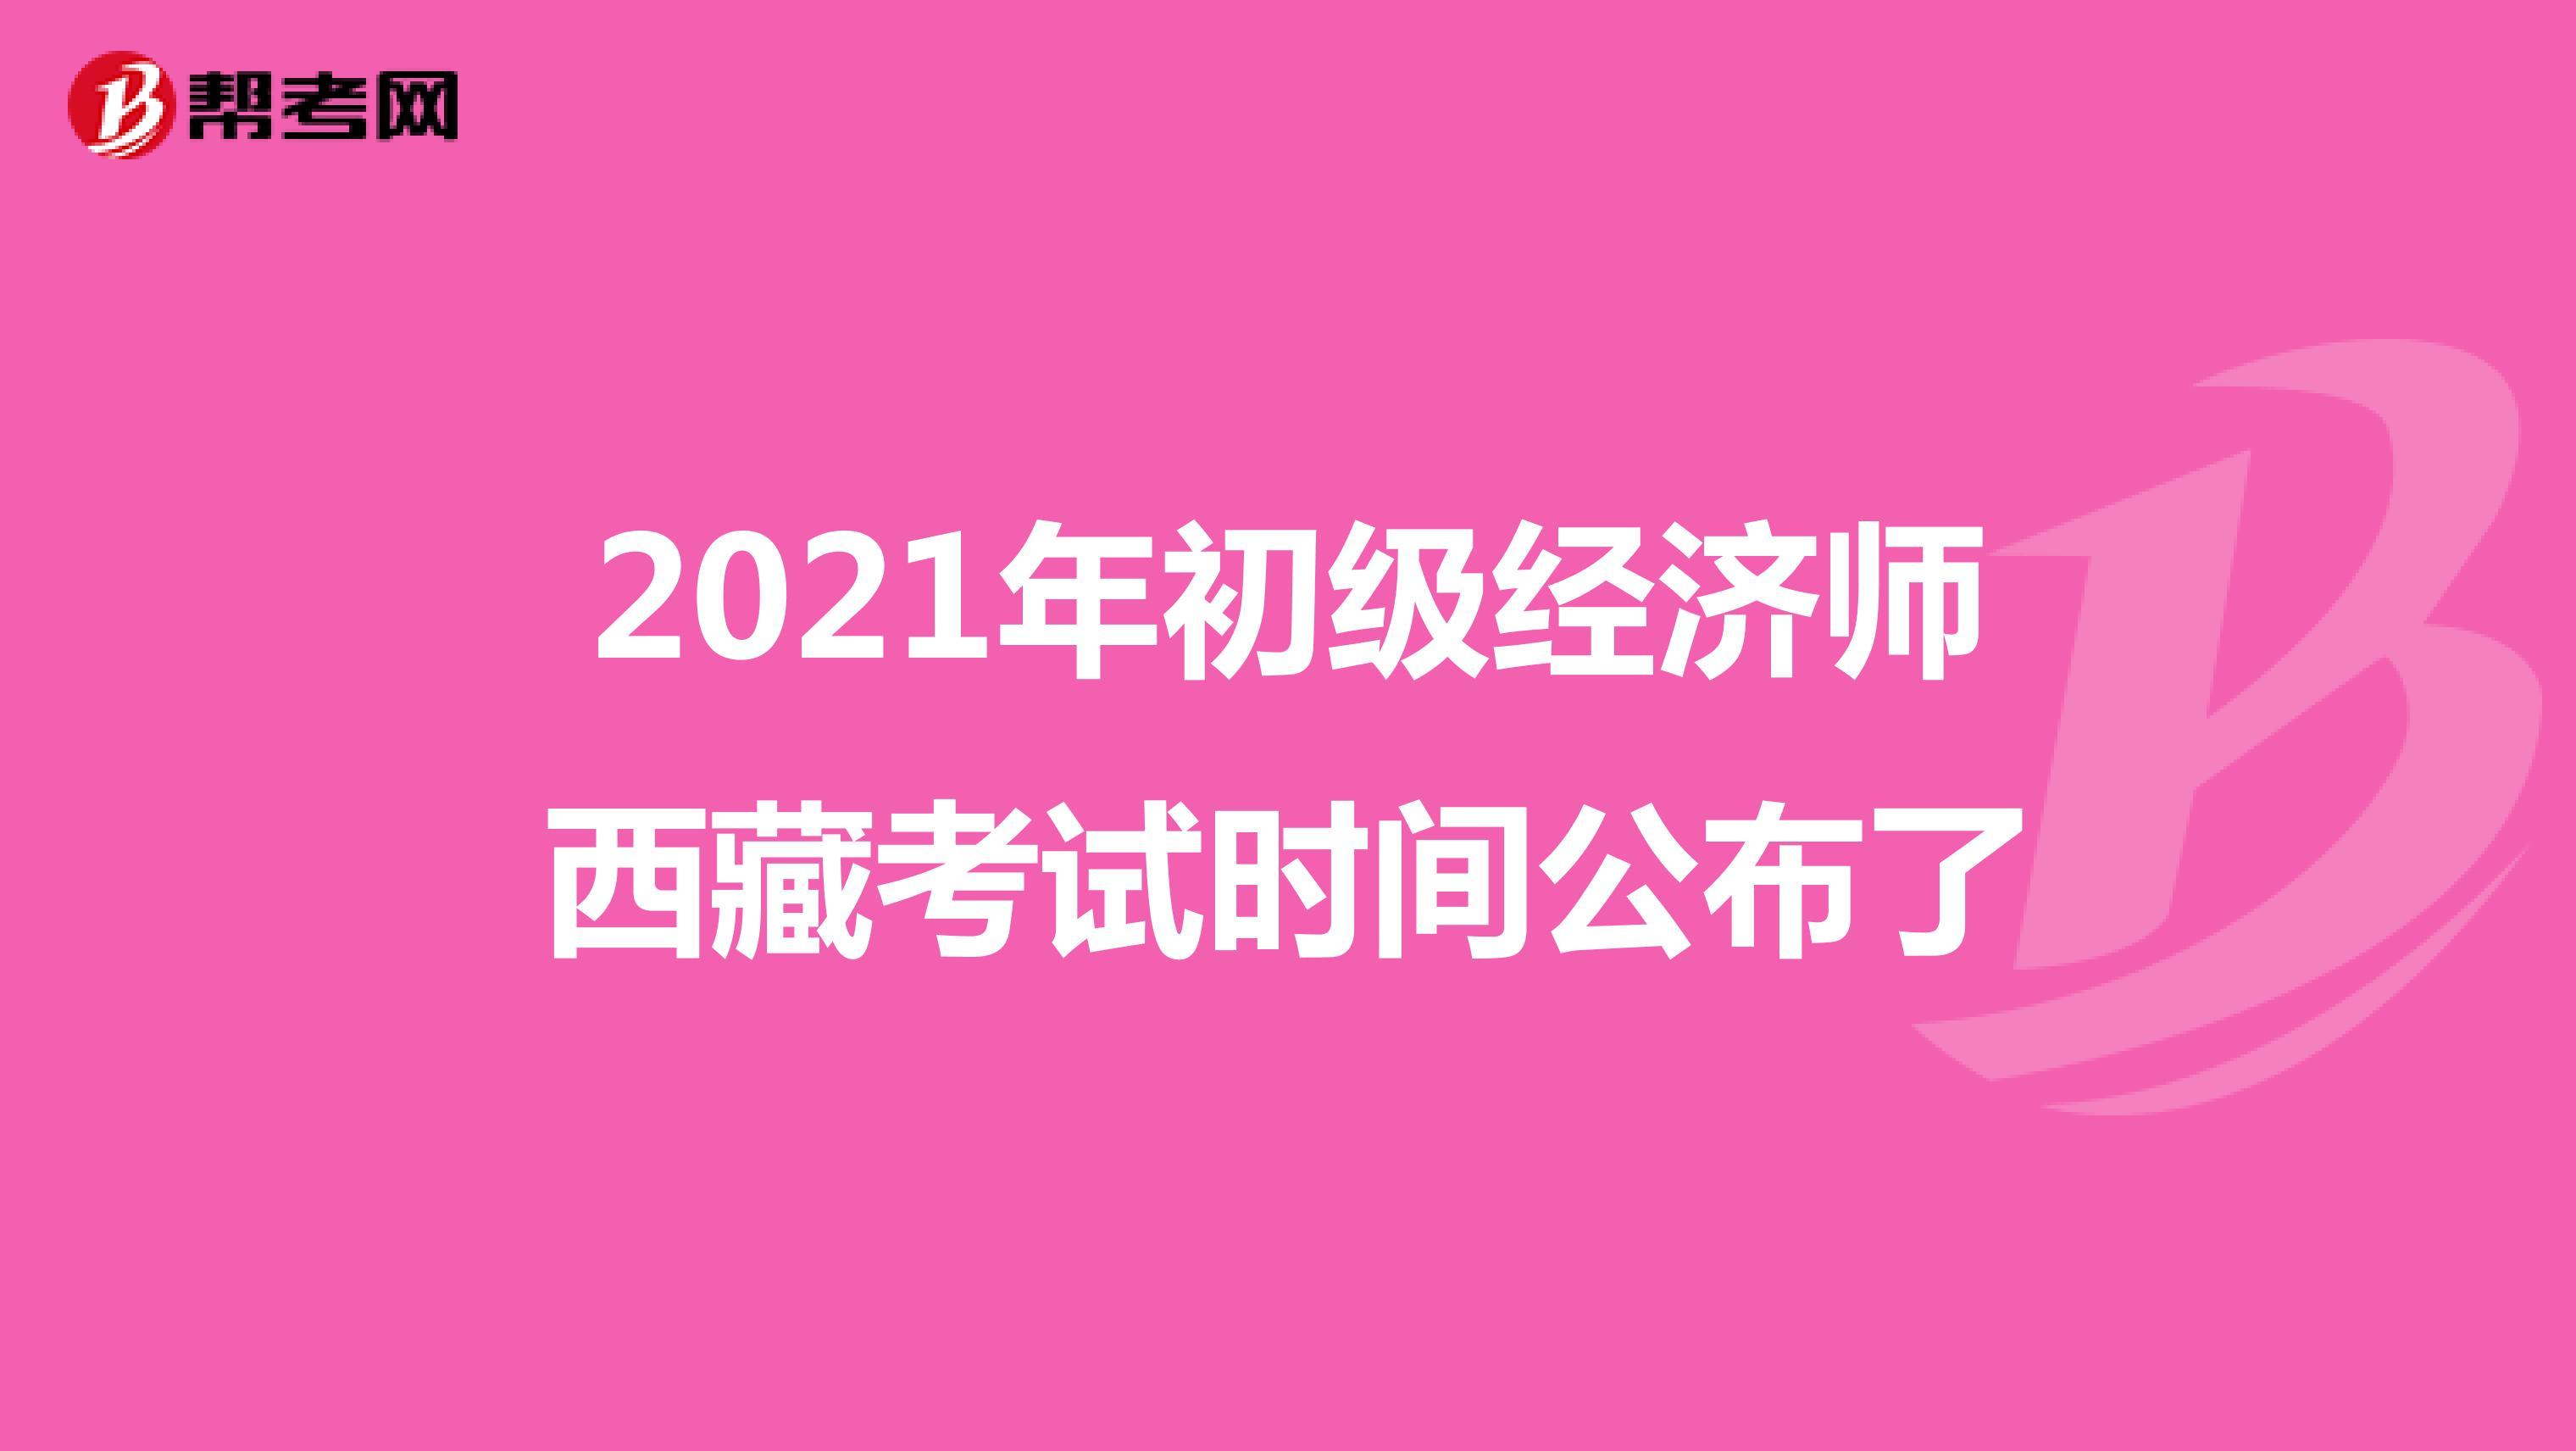 2021年初級經濟師西藏考試時間公布了